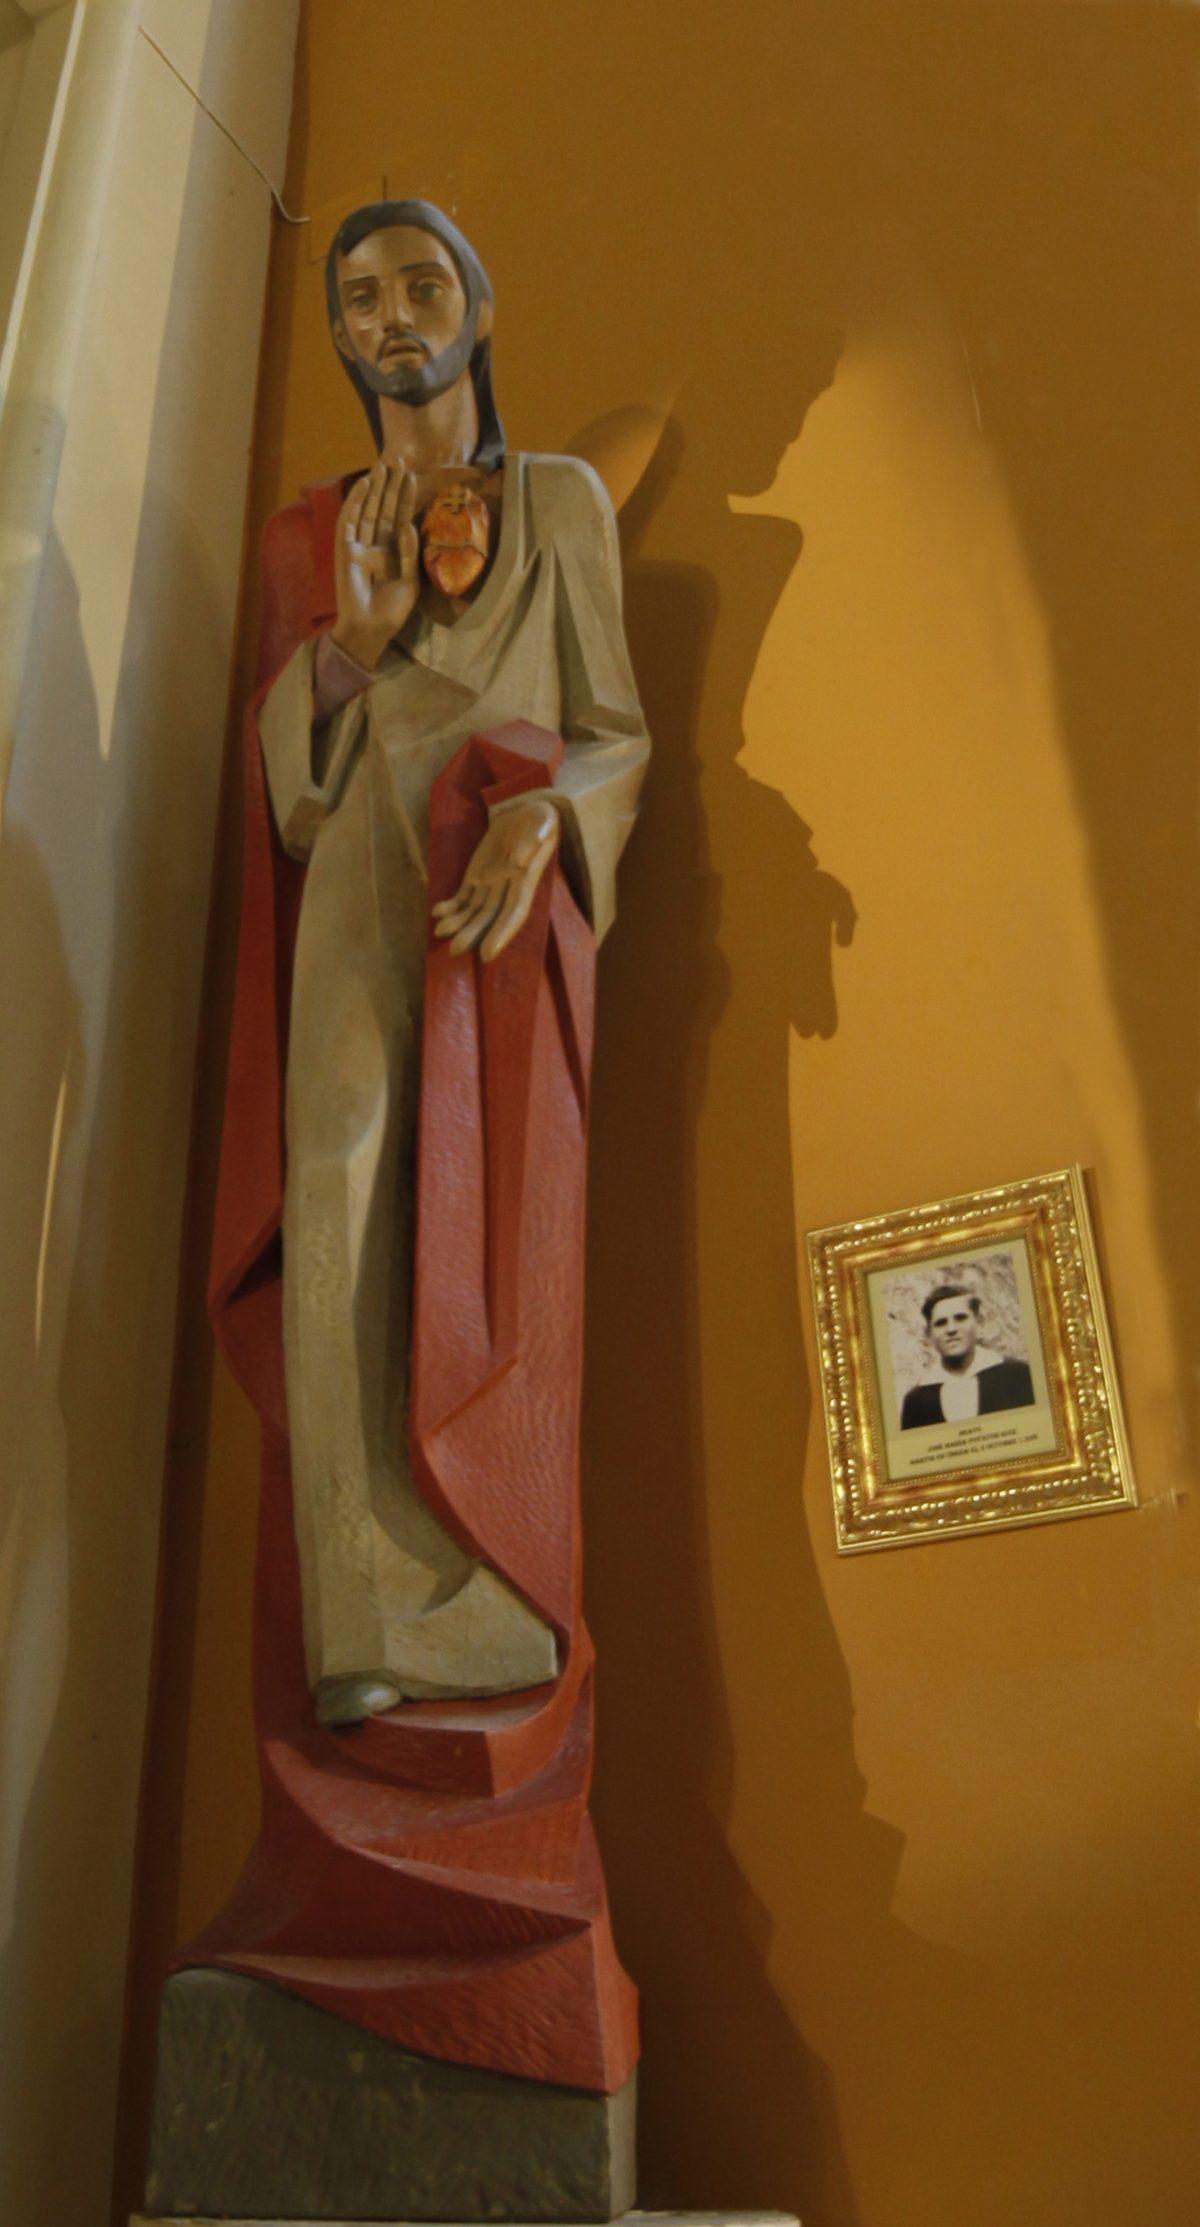 Imagen del beato José María Poyatos en la parroquia de San Juan Bautista de Úbeda.